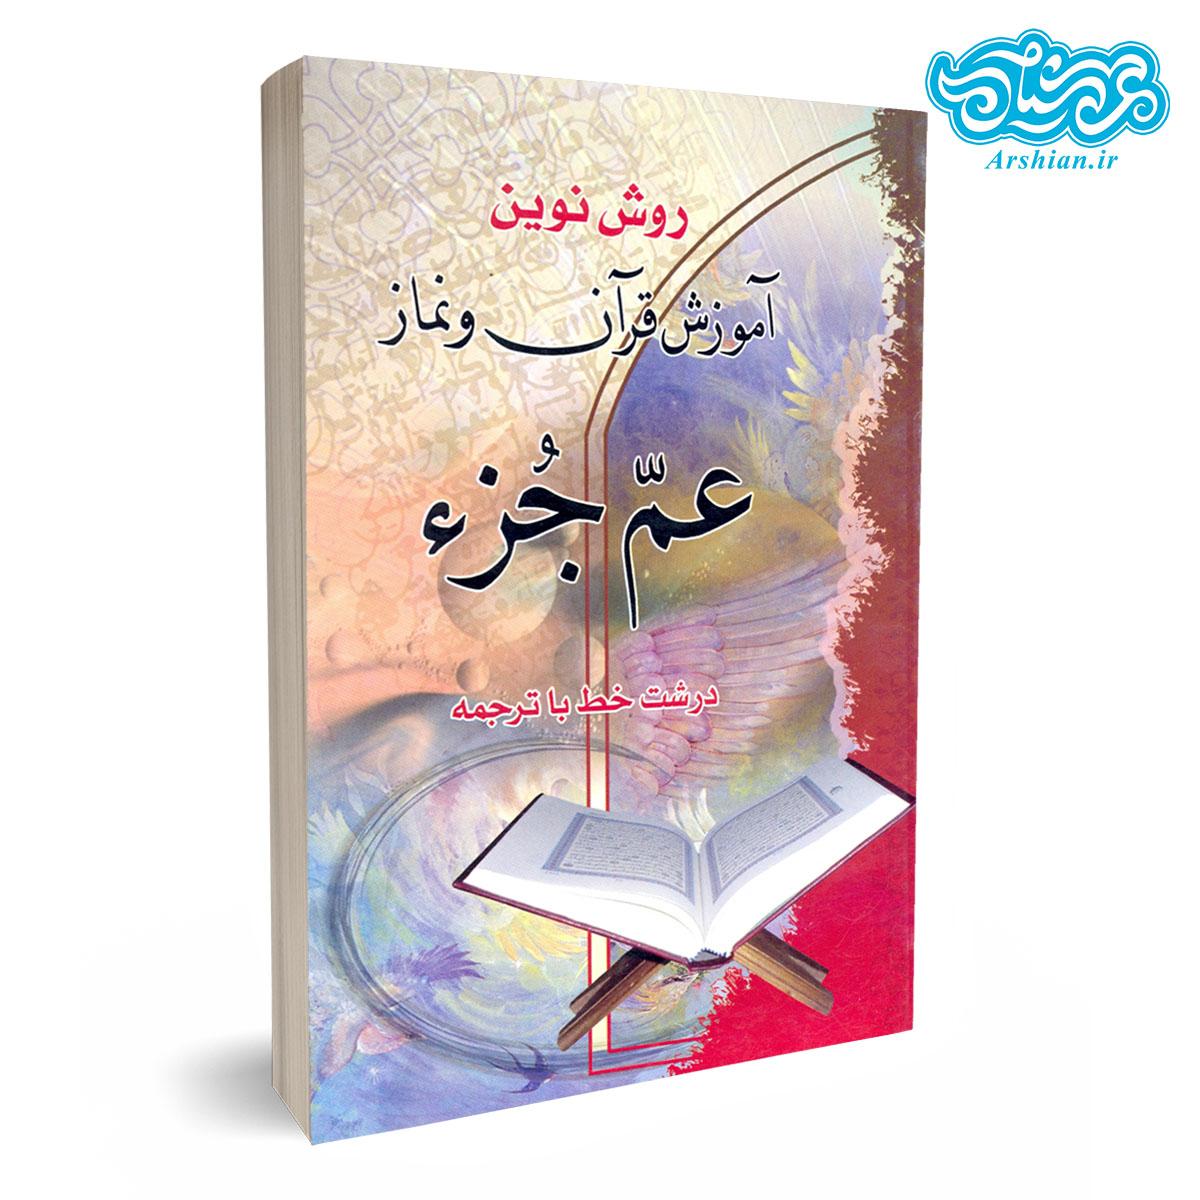 کتاب اموزش قرآن ونماز همراه جزء سی